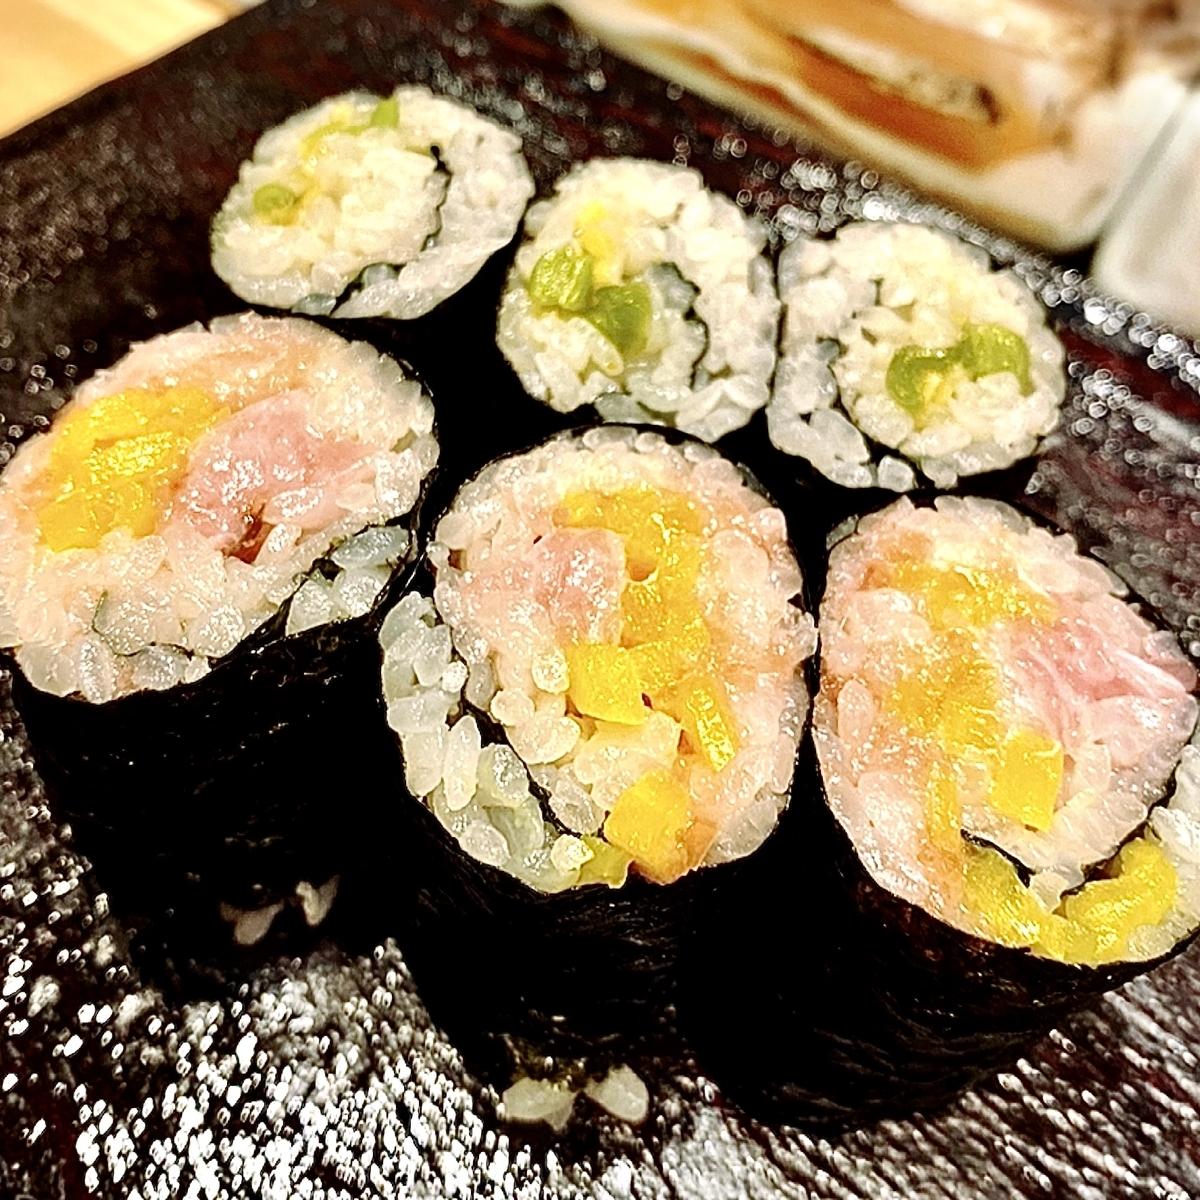 コスパ最高!吉祥寺駅前にニューオープンした寿司屋!立ち食いはちょい飲みにもおすすめ